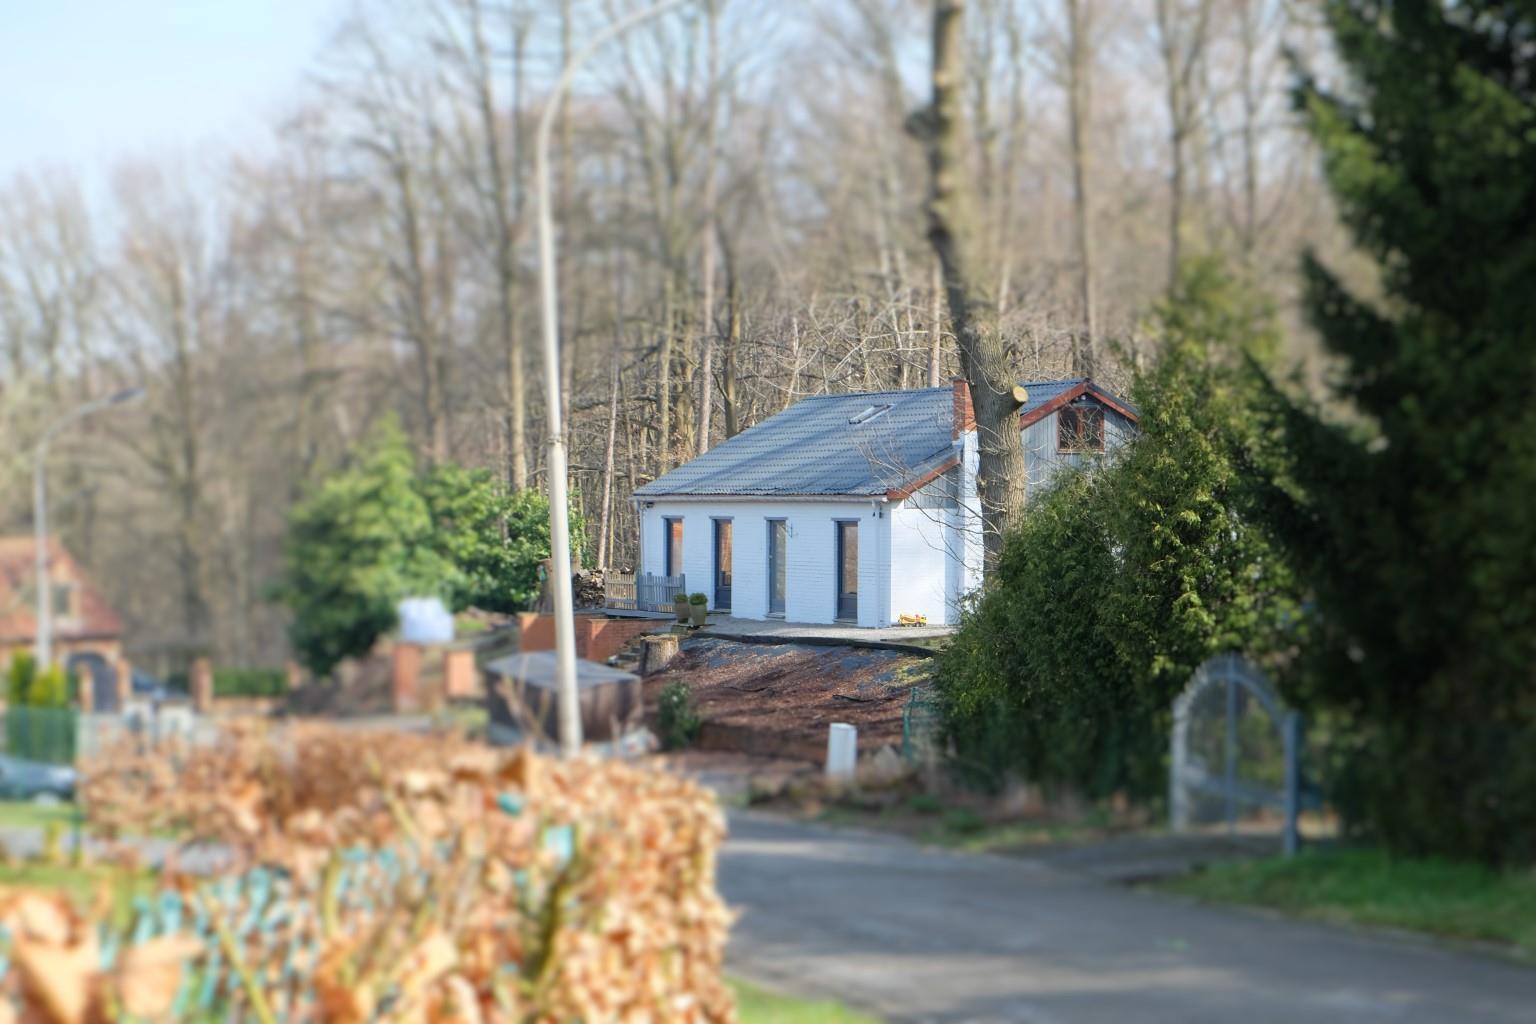 Maison - Braine-le-Comte Hennuyères - #2416189-15